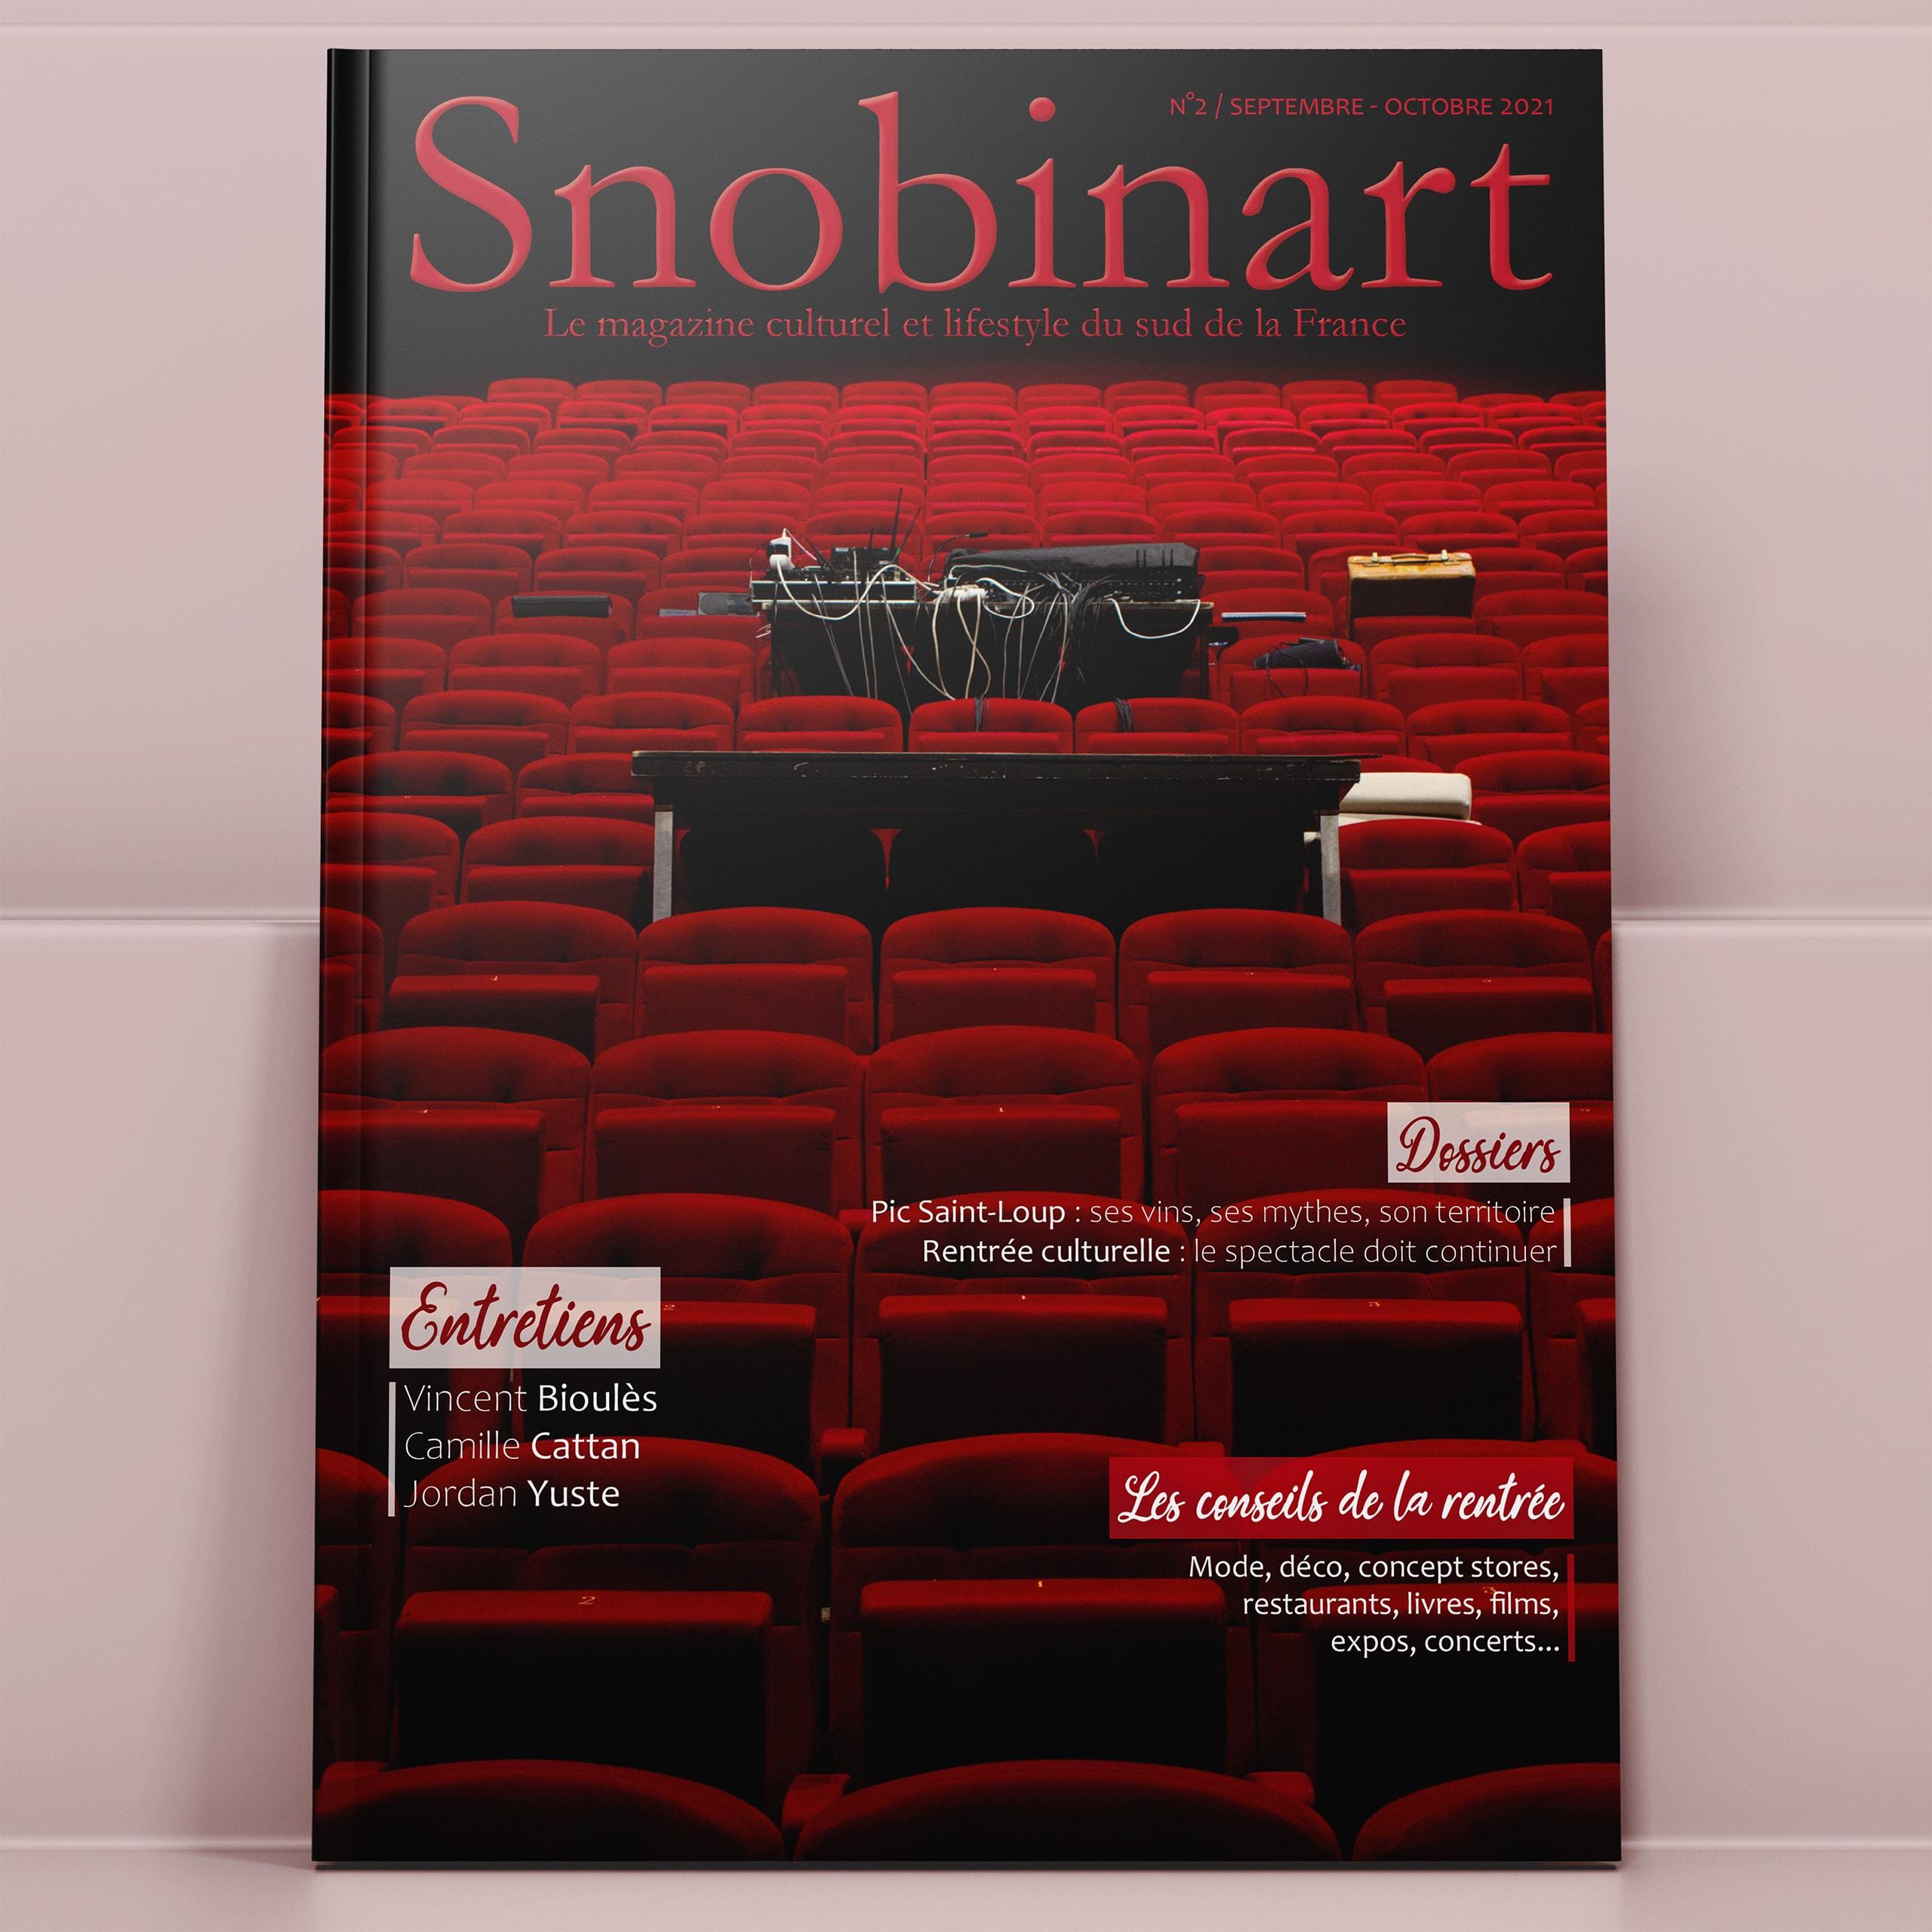 Couverture Snobinart Magazine Numéro 2 Septembre Octobre 2021